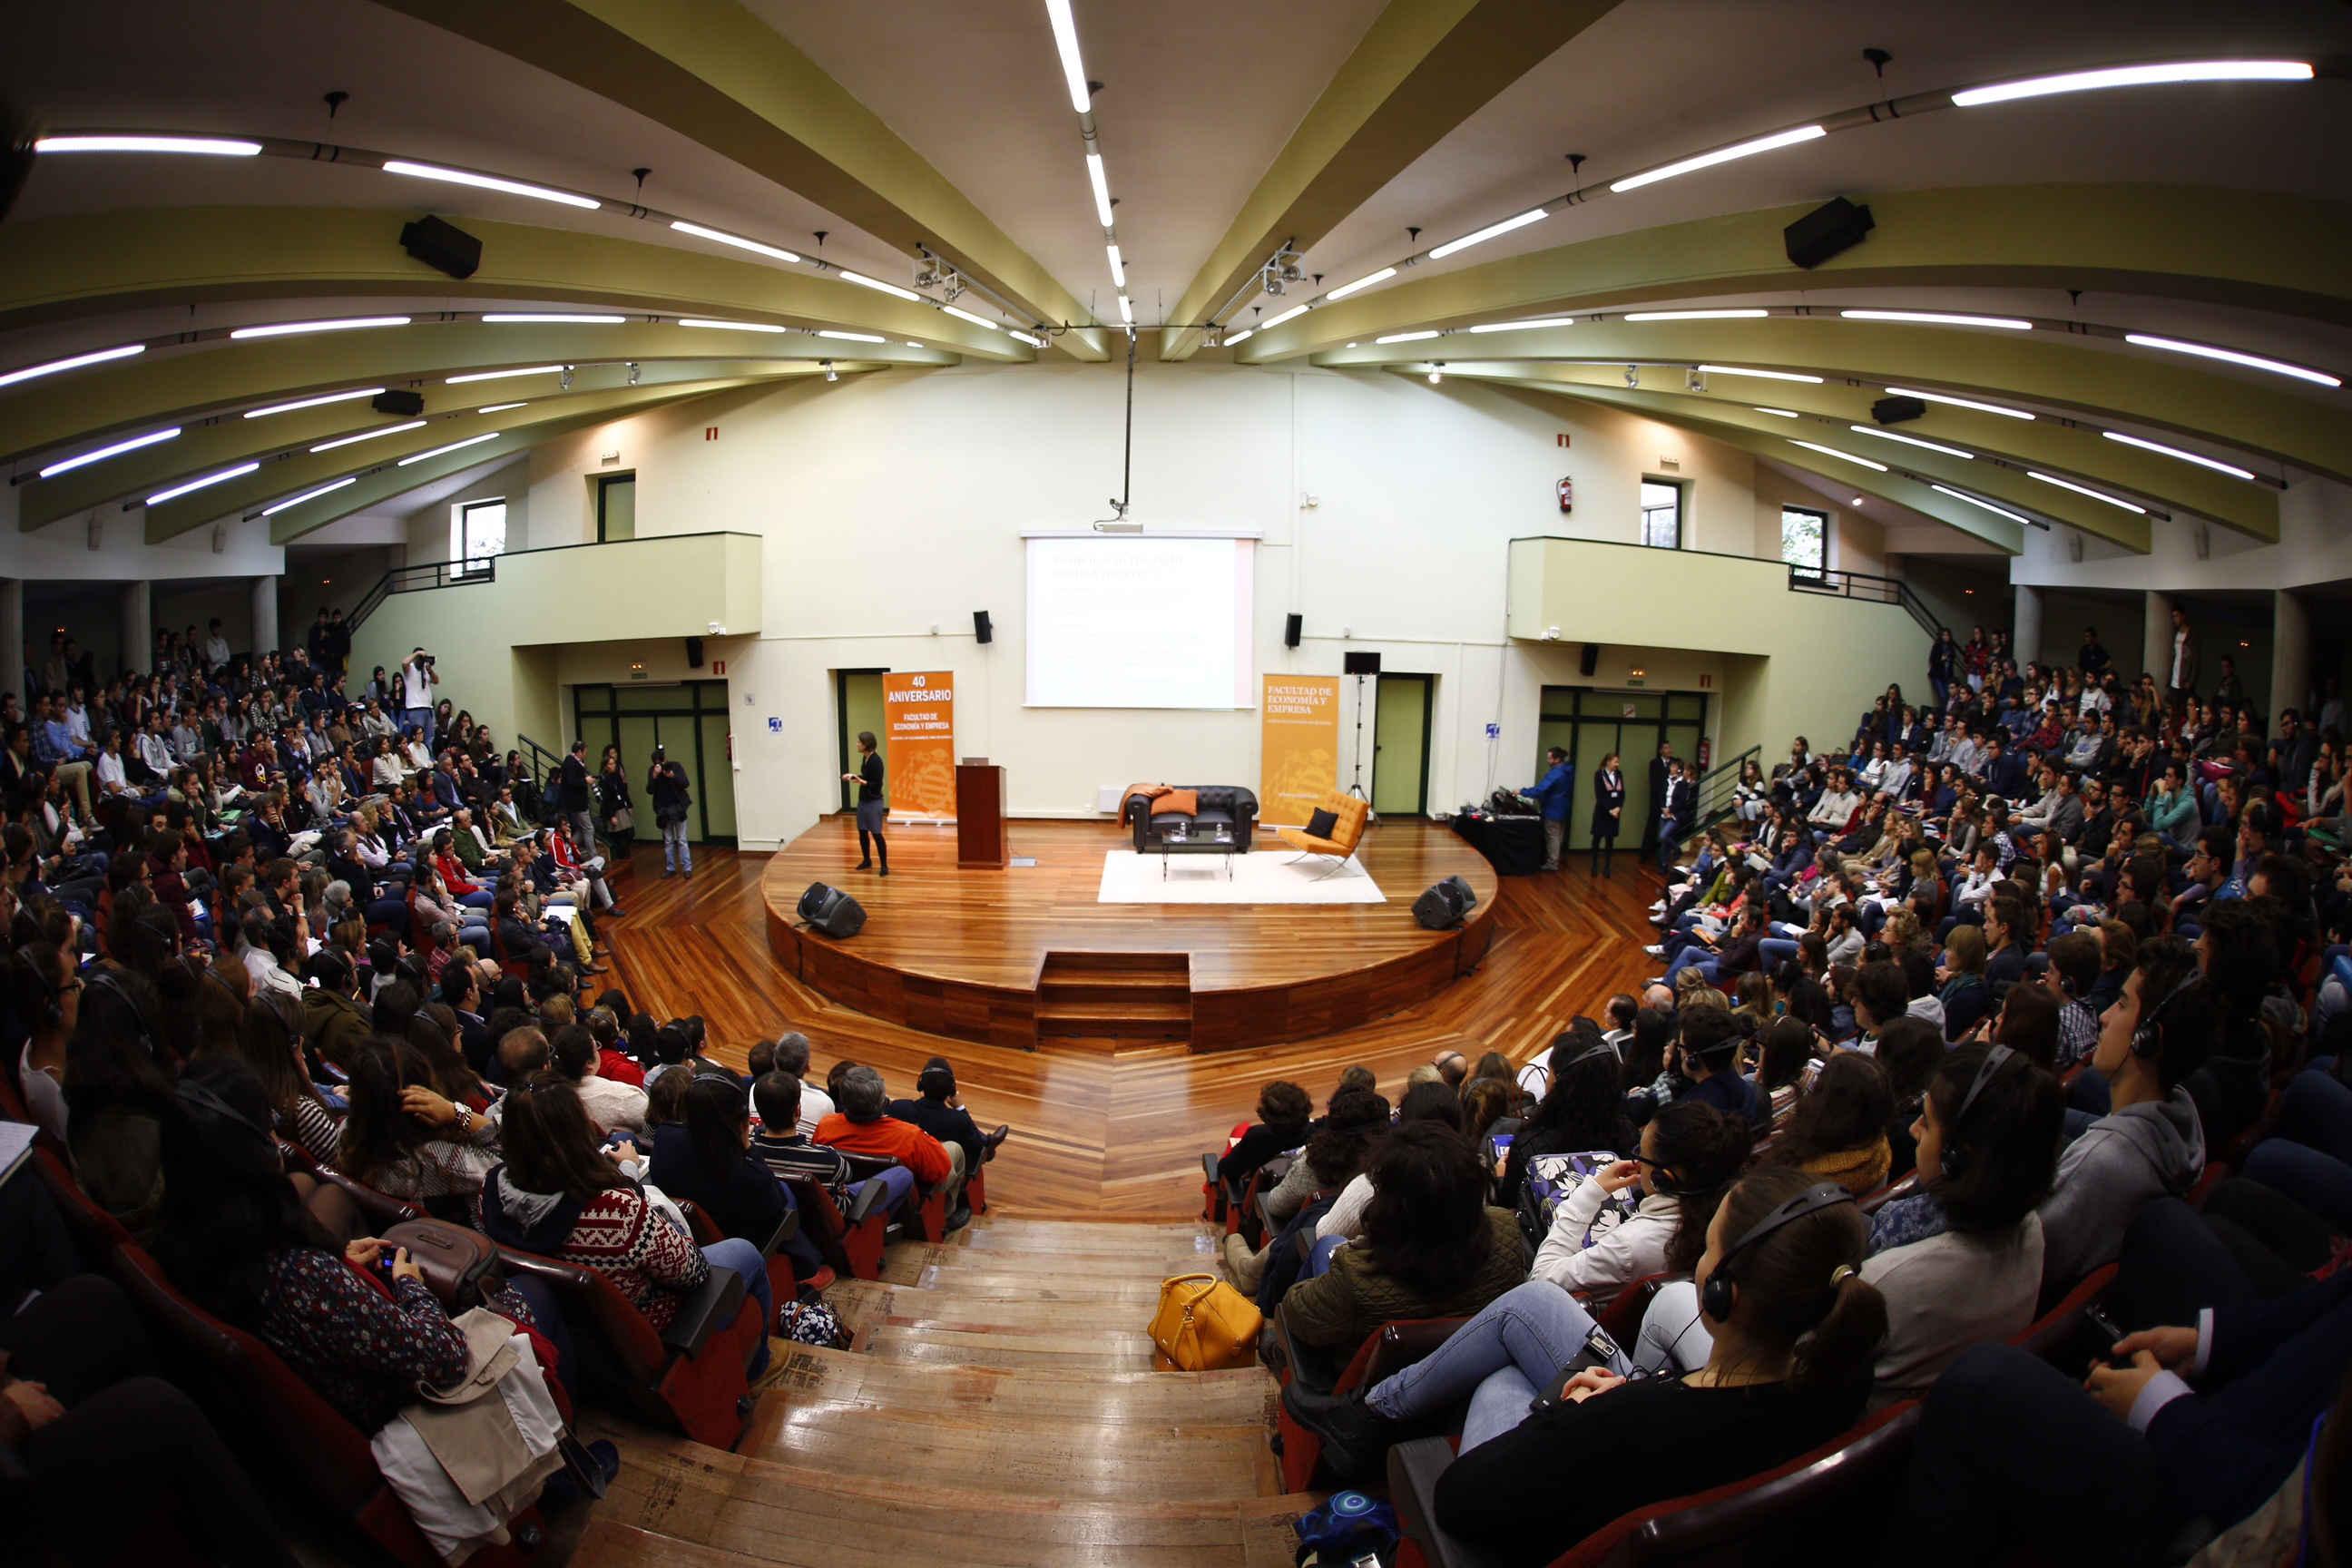 Conferencia de Esther Duflo